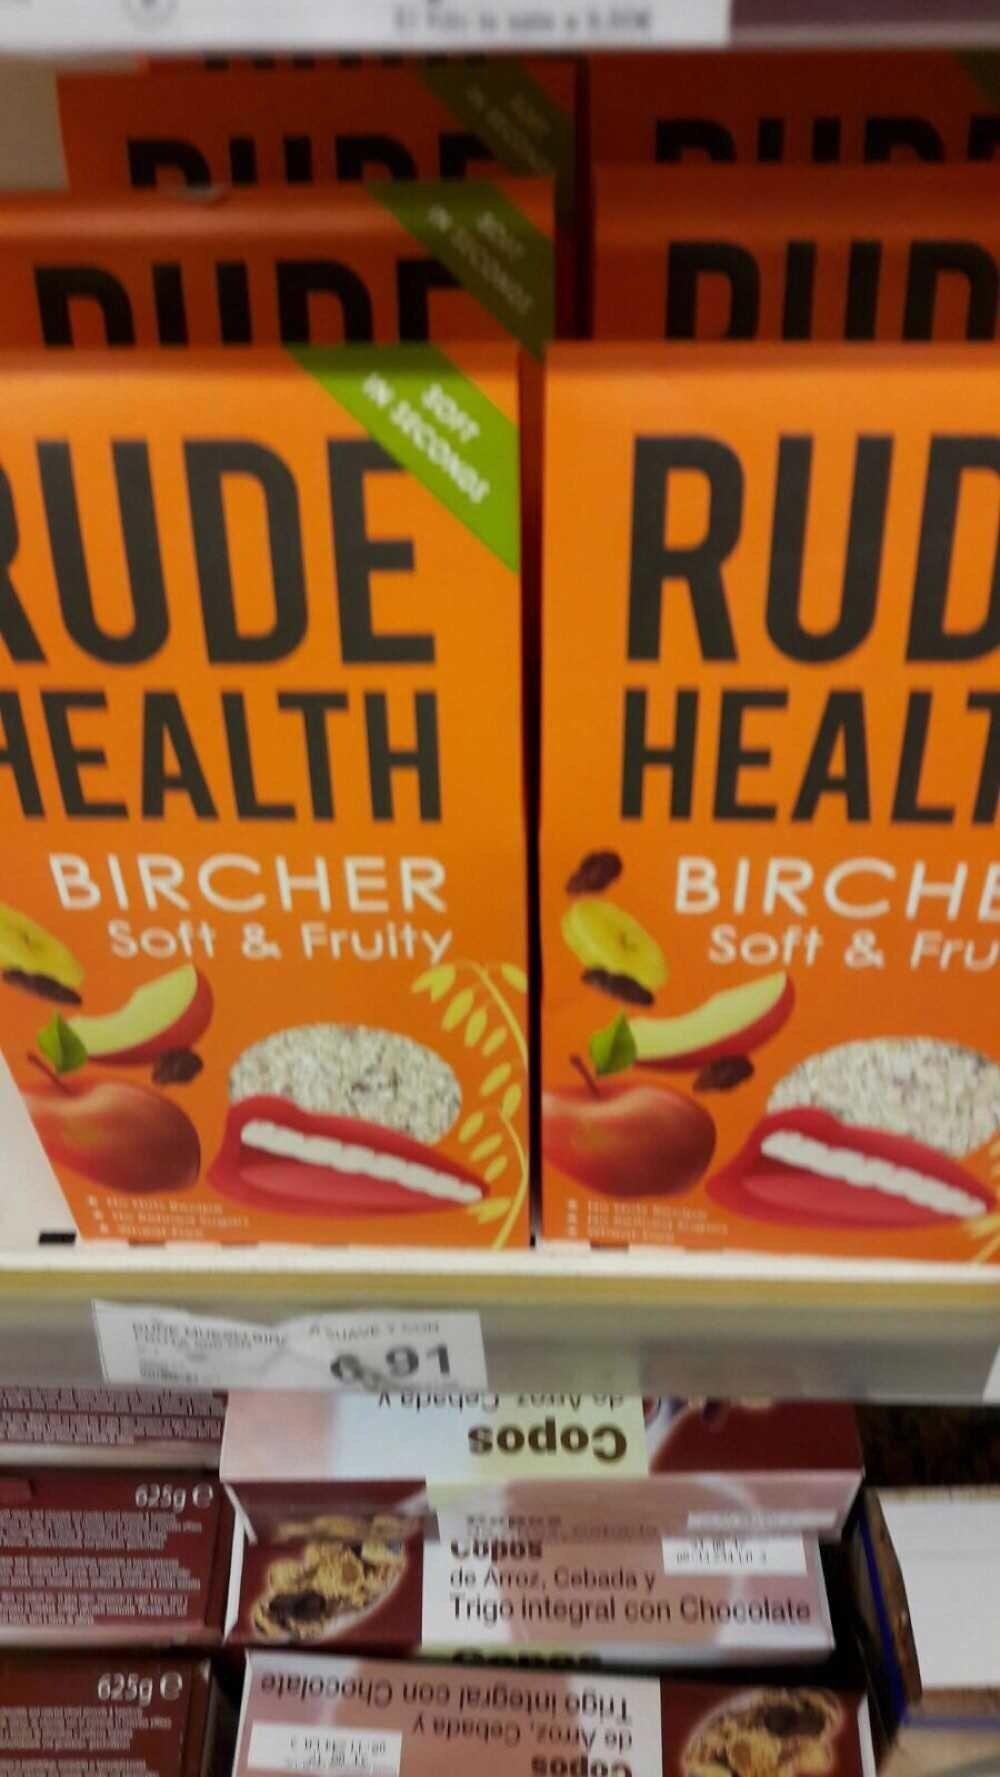 Bebida De Anacardos Sin Cereales Rude Health - Product - fr